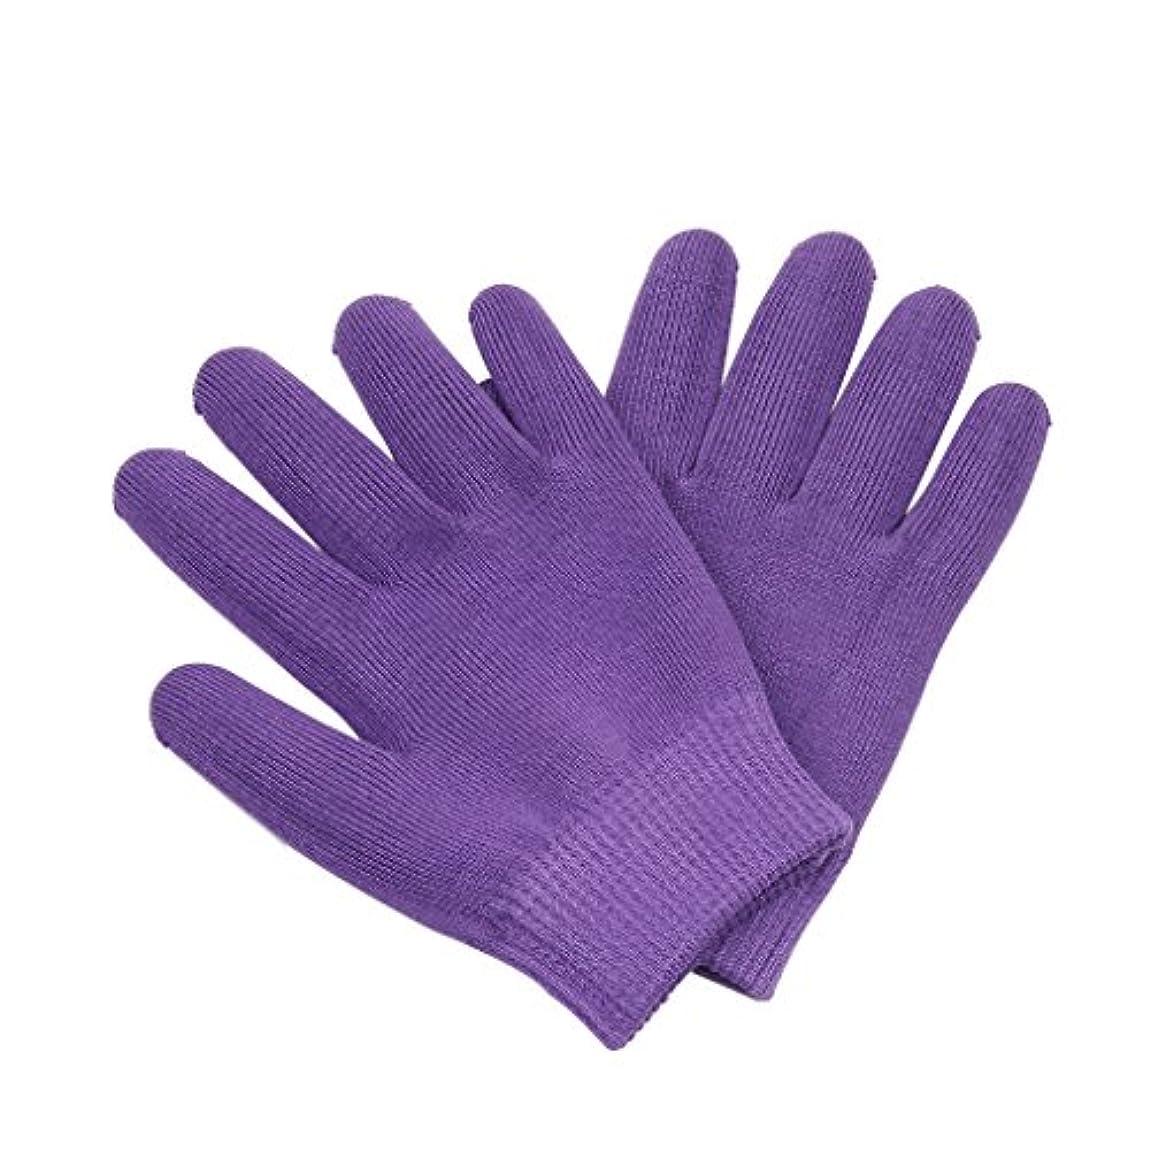 ウィンク確かめるトランクライブラリLovoski 保湿手袋 おやすみ手袋 手袋 手湿疹 乾燥防止 手荒れ 保湿 スキンケア  メンズ レディース 全3色選べ - 紫